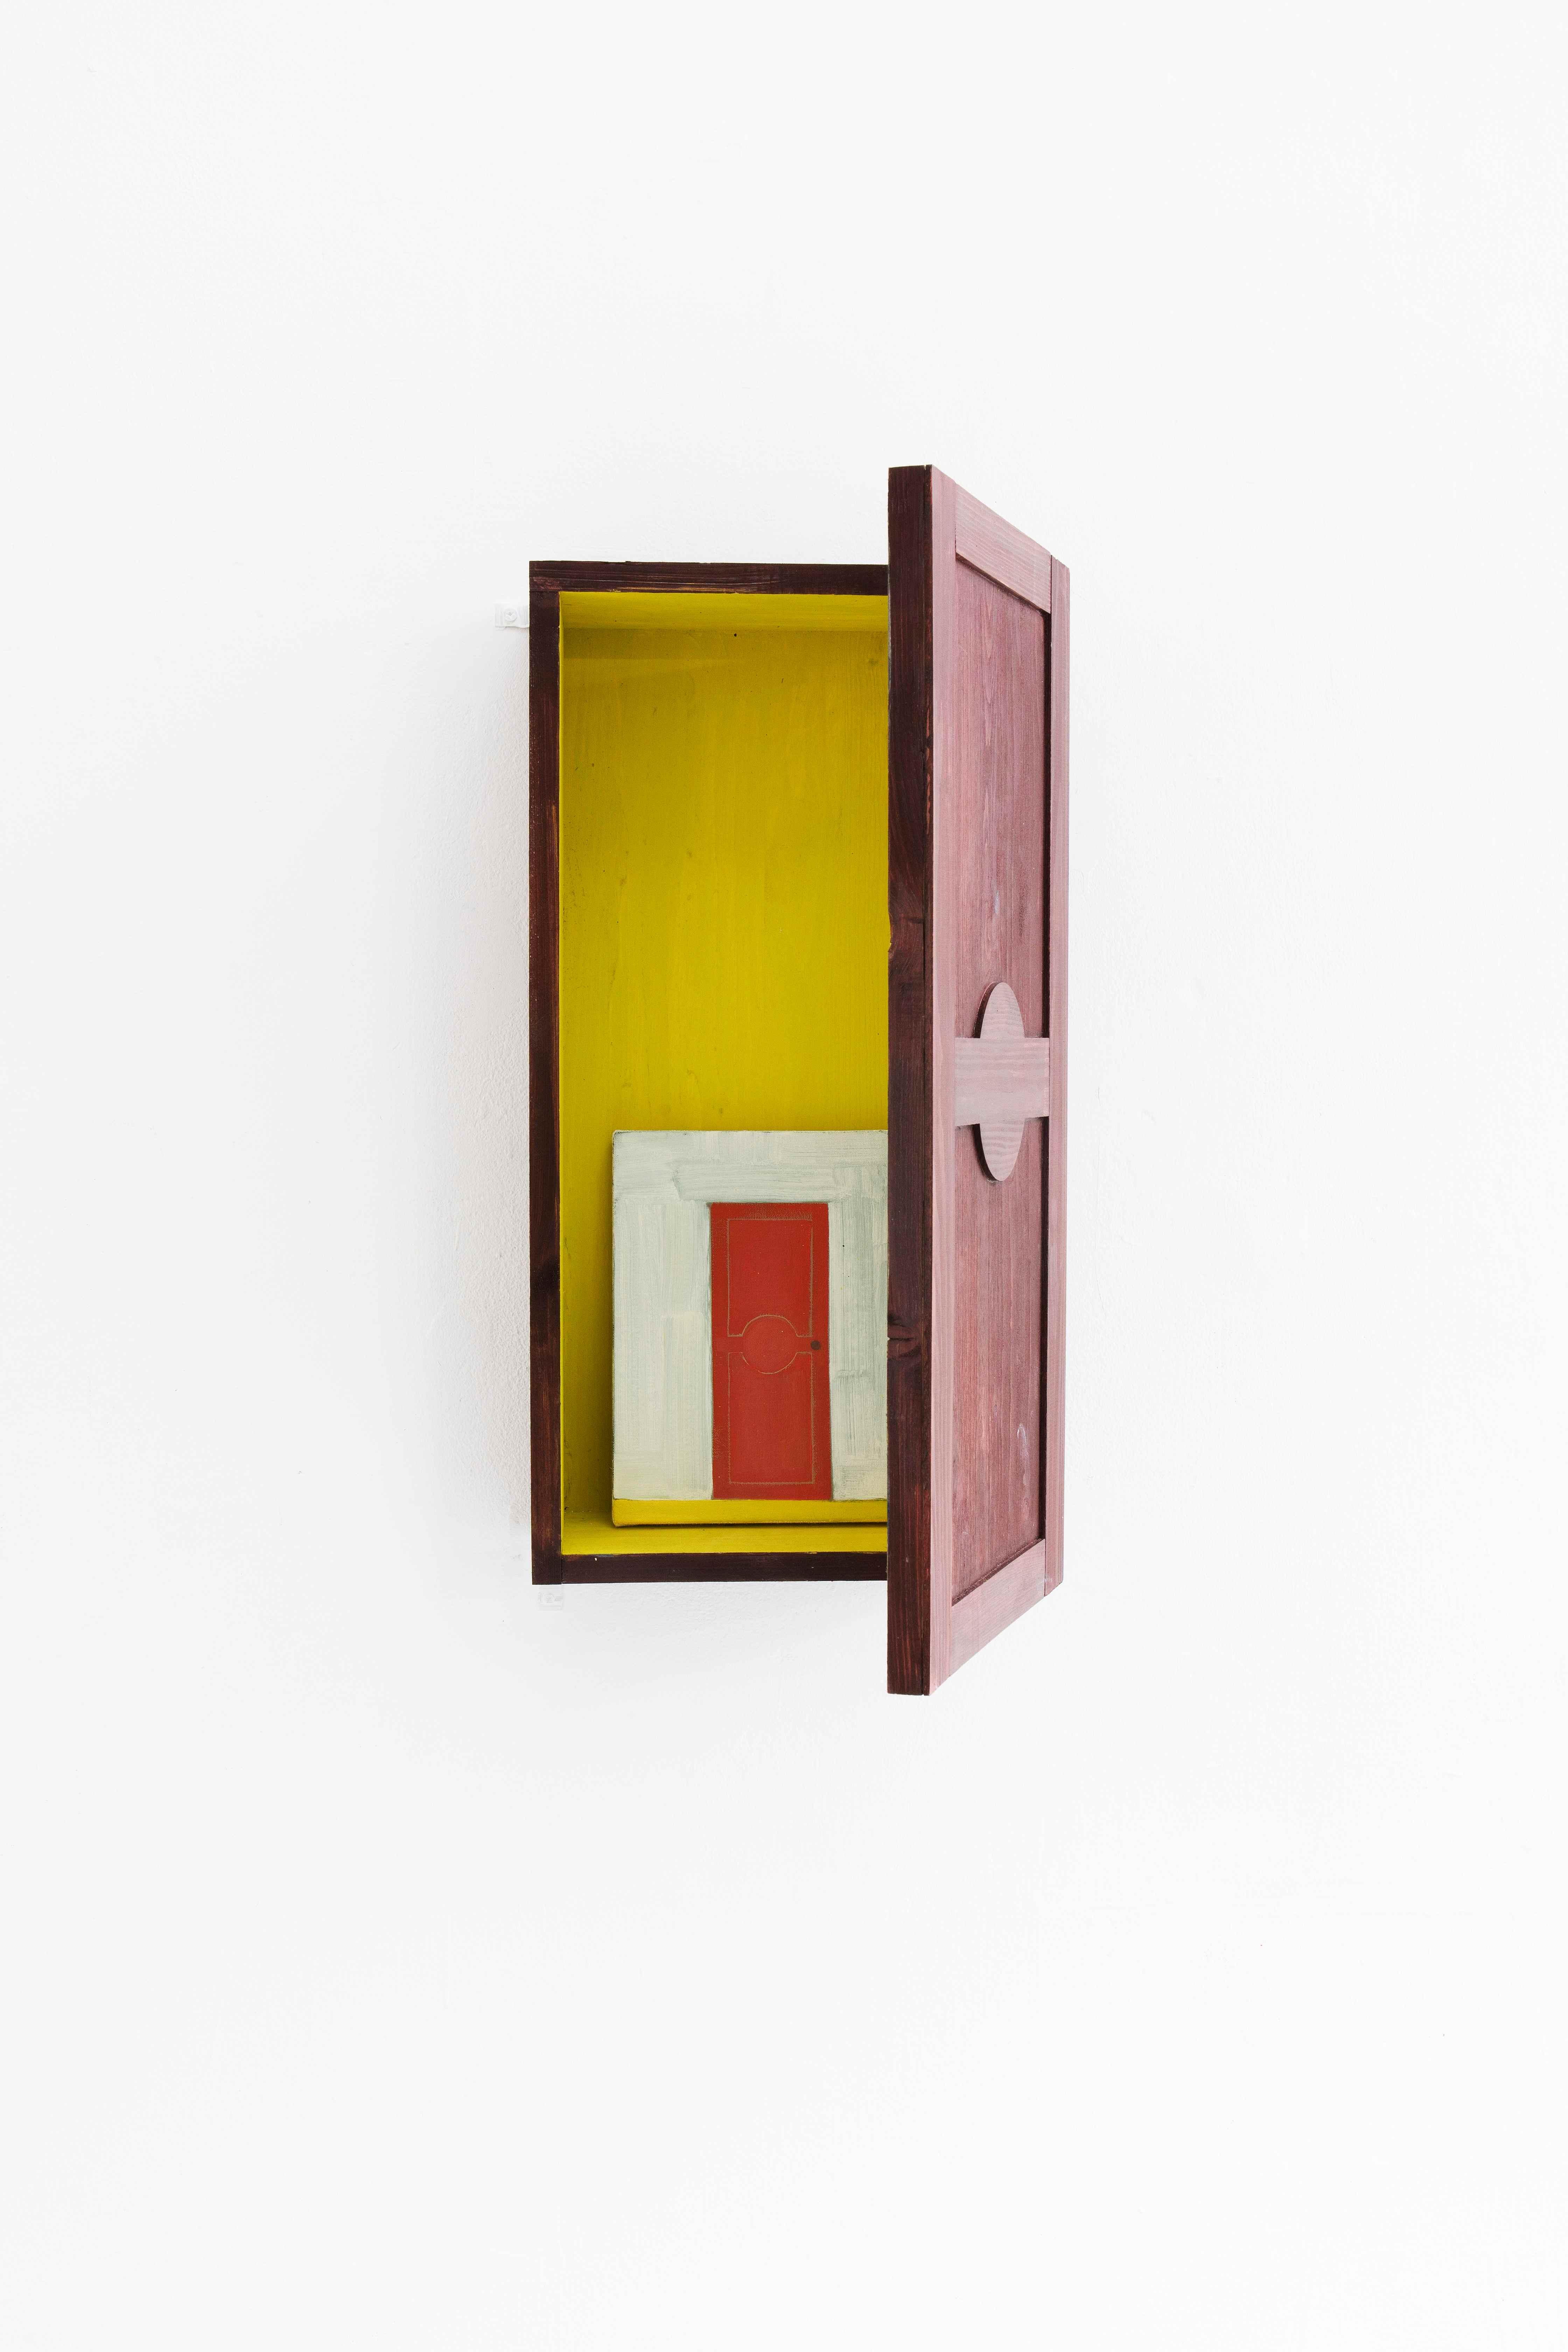 © Ahae Kim, A door, 2018, photo by Thomas Jenkins